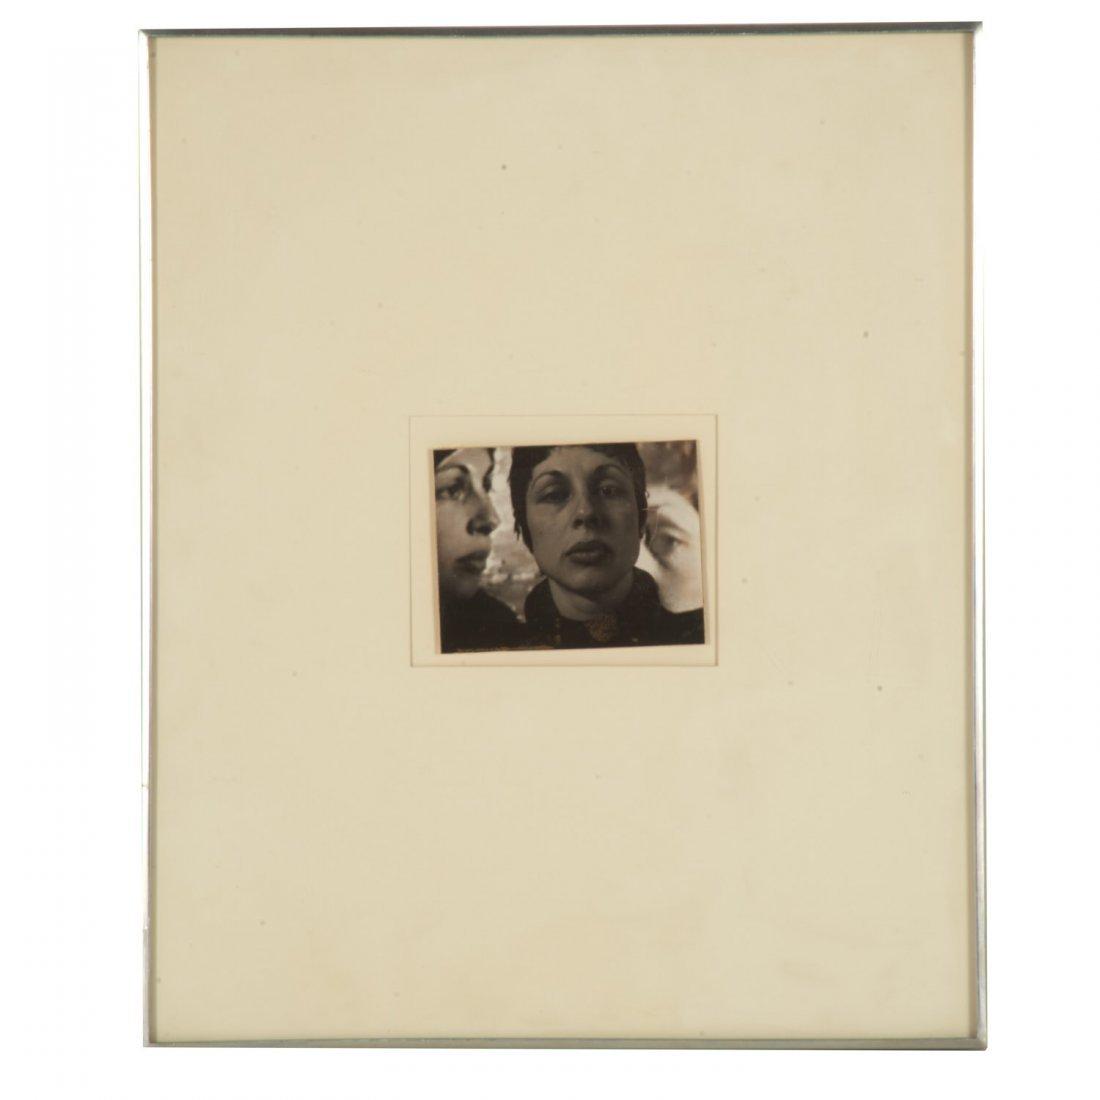 Lynda Benglis, polaroid print